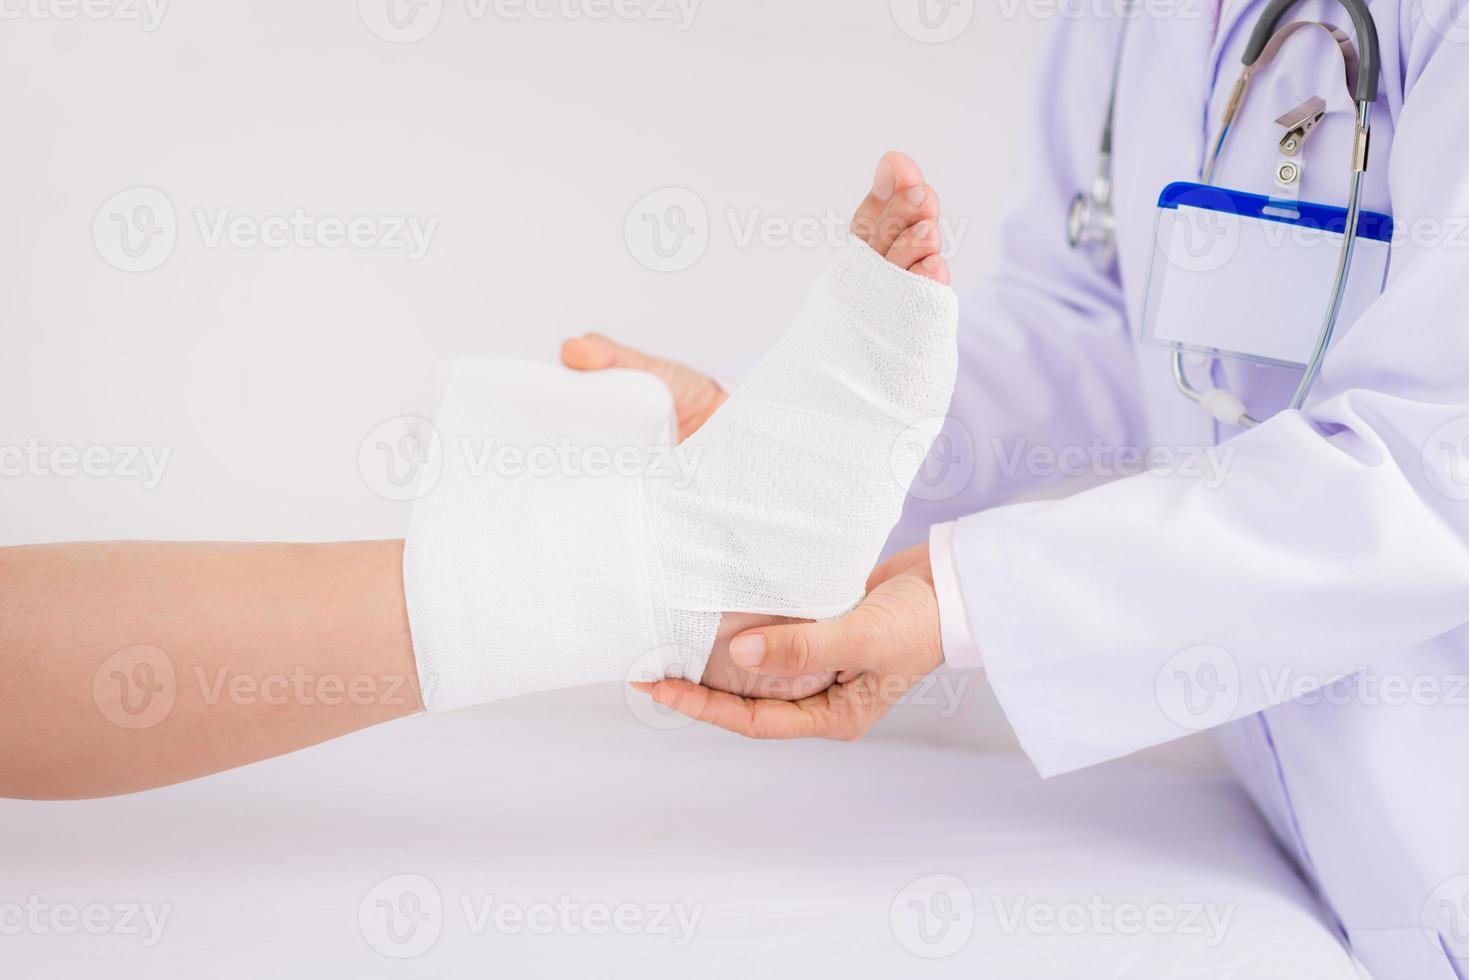 bandage fot foto